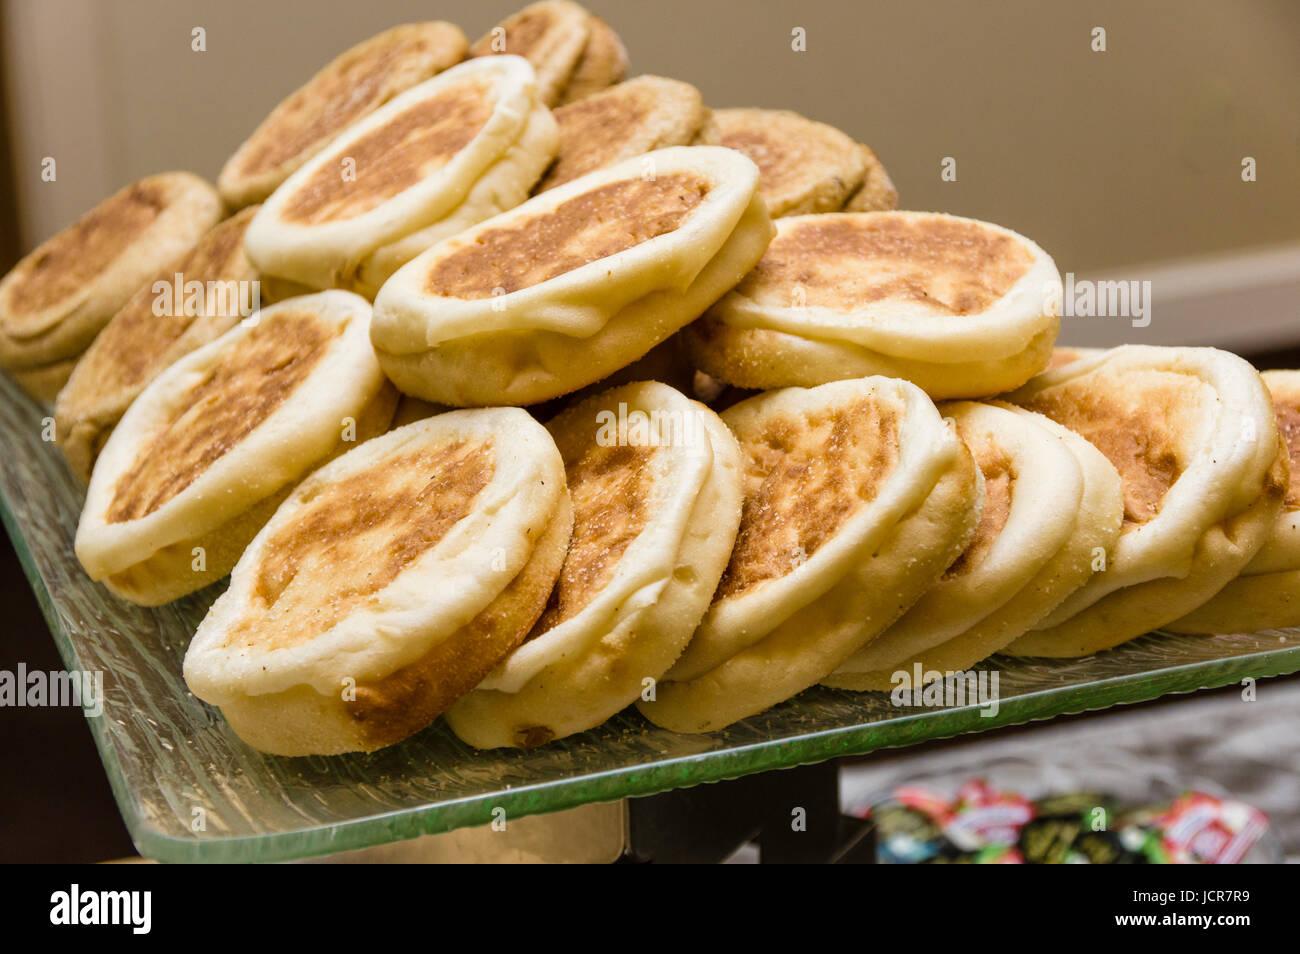 Tablett mit warmen englische Muffins in Linie zum Frühstück serviert Stockbild